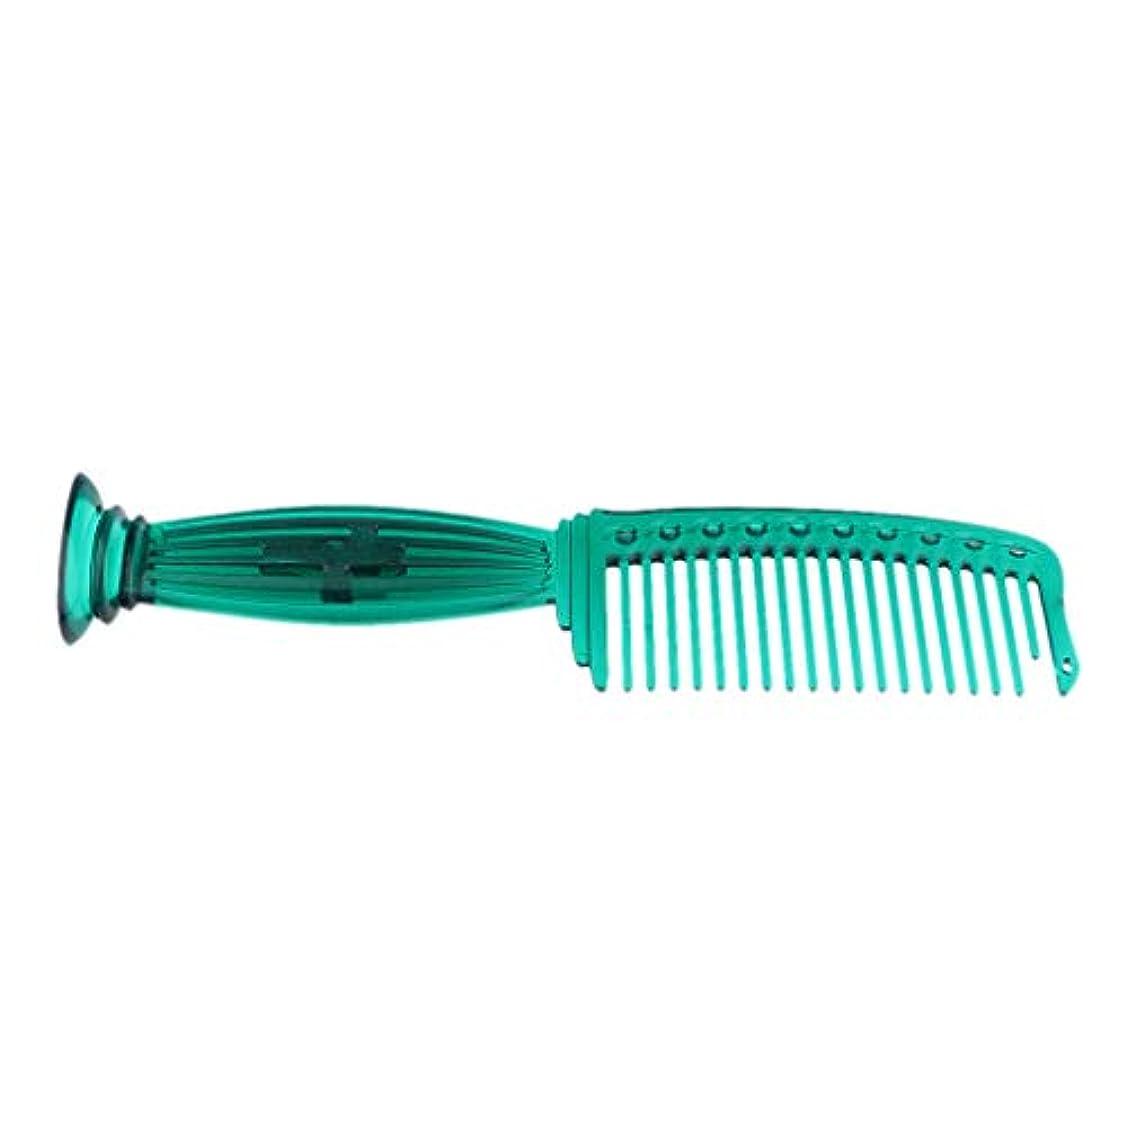 むさぼり食う滑る虫を数える全5色 ワイド歯 ヘアコーム ヘアブラシ プラスチック櫛 頭皮保護 櫛 プロ ヘアサロン 理髪師用 - 緑